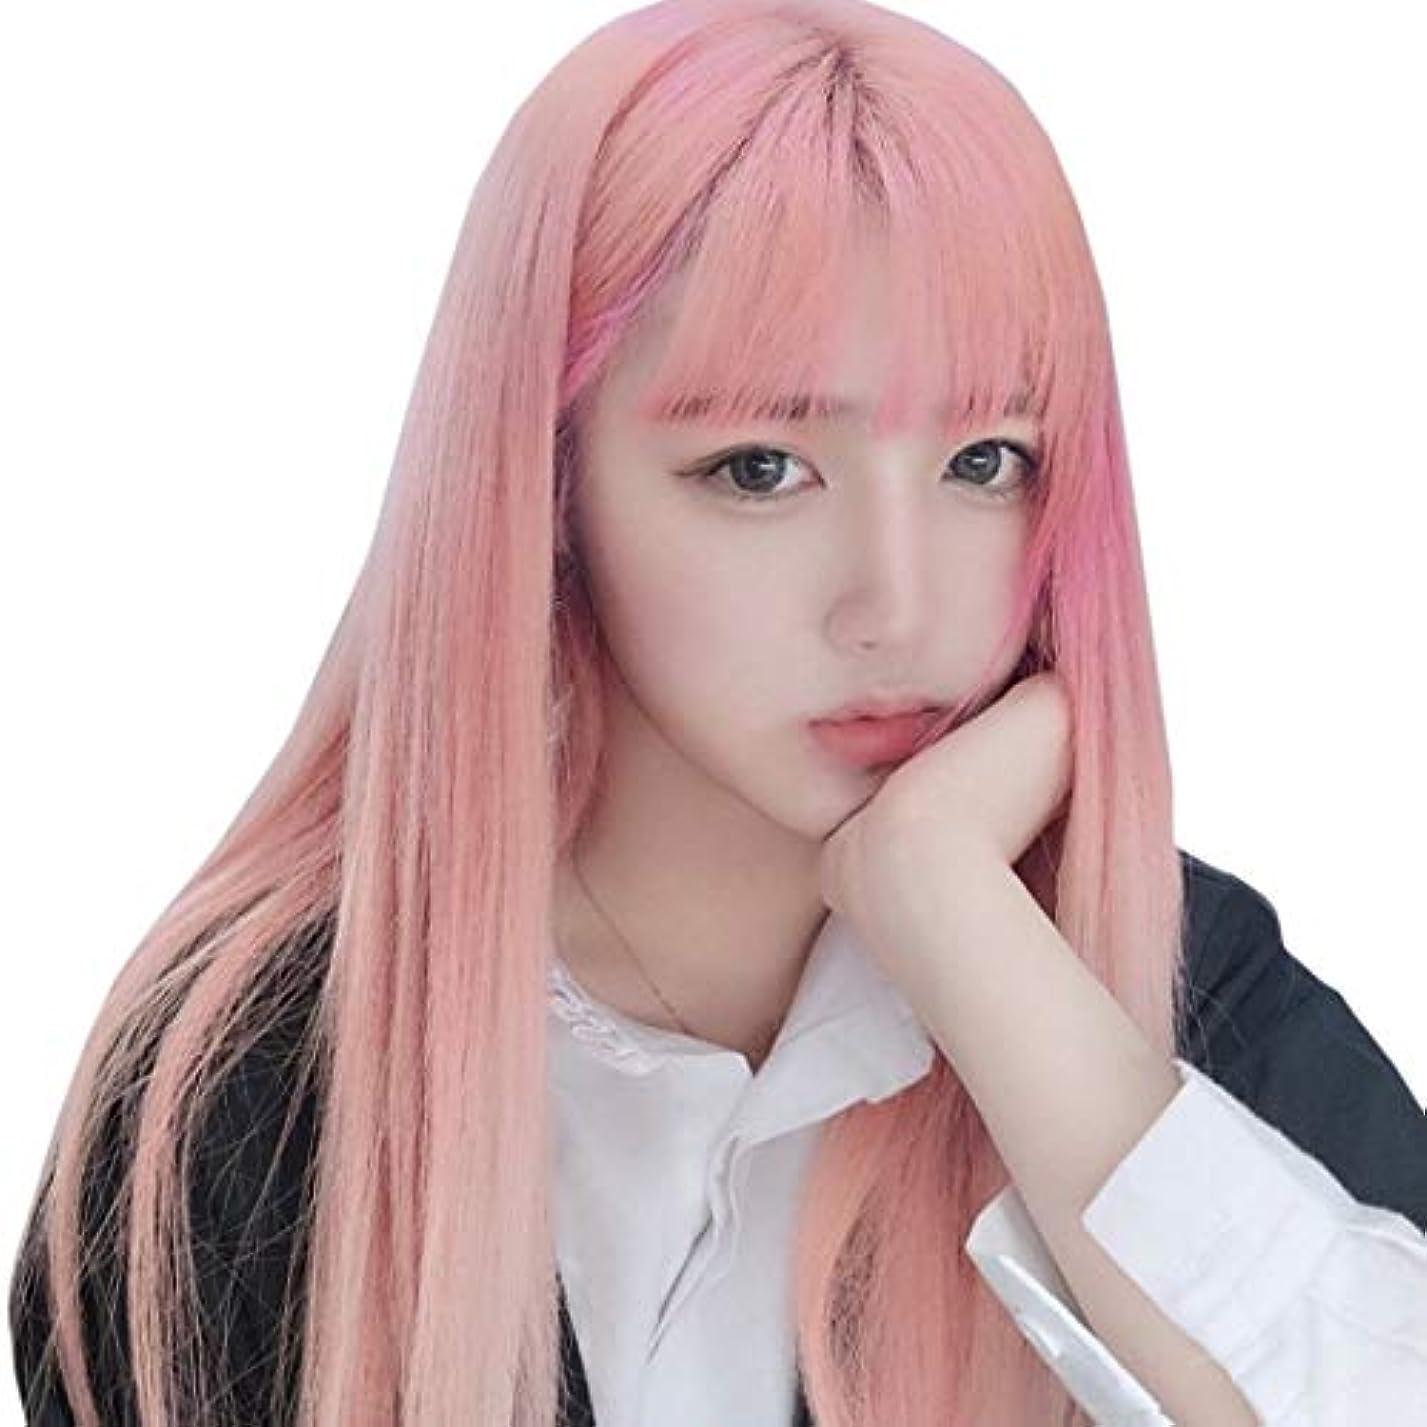 栄光のキャリア子供時代Summerys レディースウィッグファイバーリアルナチュラル女性用ソフト&スムースストレートウィッグ弾性ストラップ快適&調節可能 (Color : Pink)